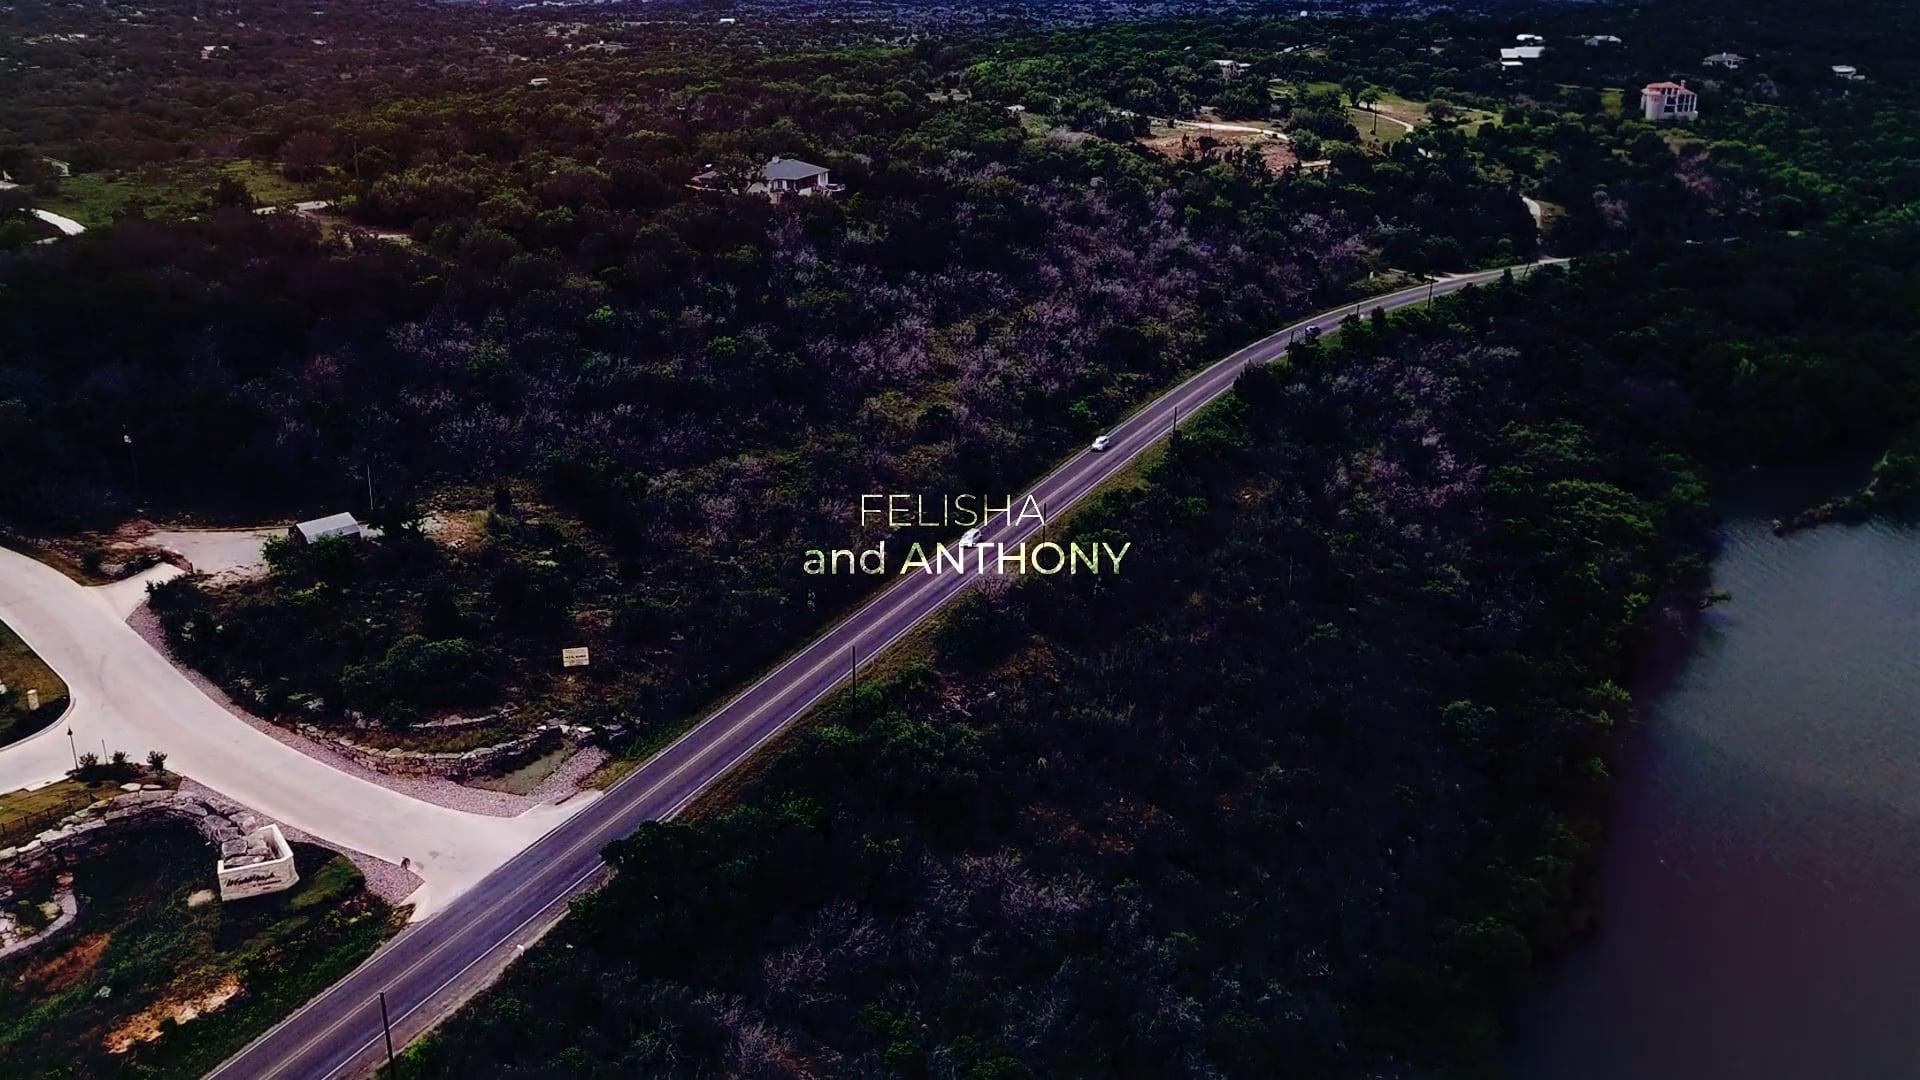 Felisha & Anthony Wedding 4-14-18 - SHORT FILM